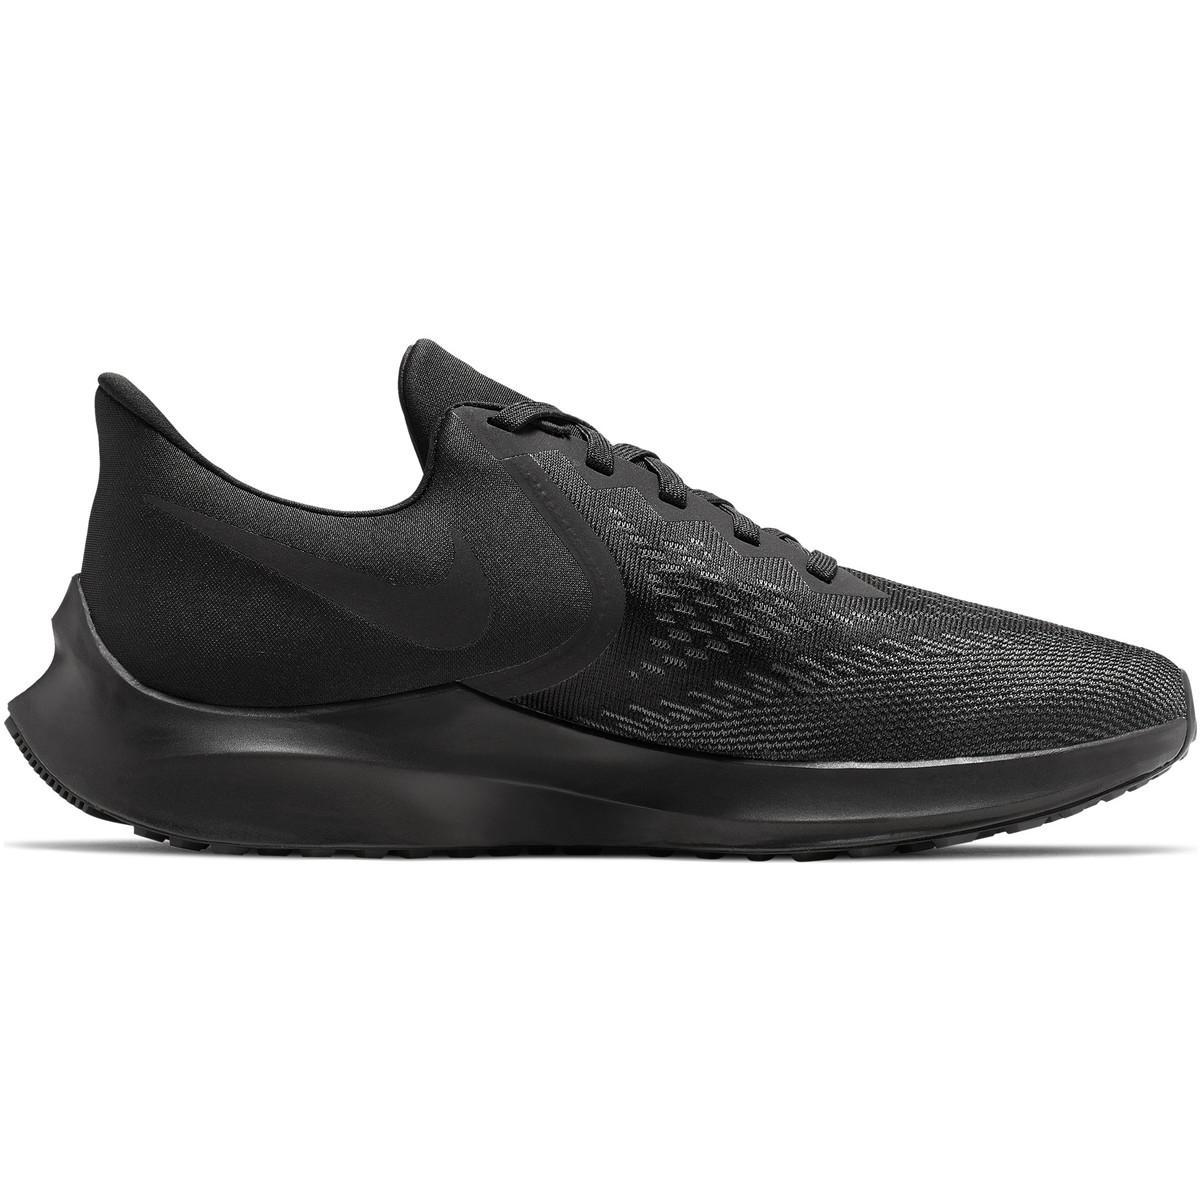 Nike Hardloopschoenen Air Zoom Winflo 6 in het Zwart voor heren